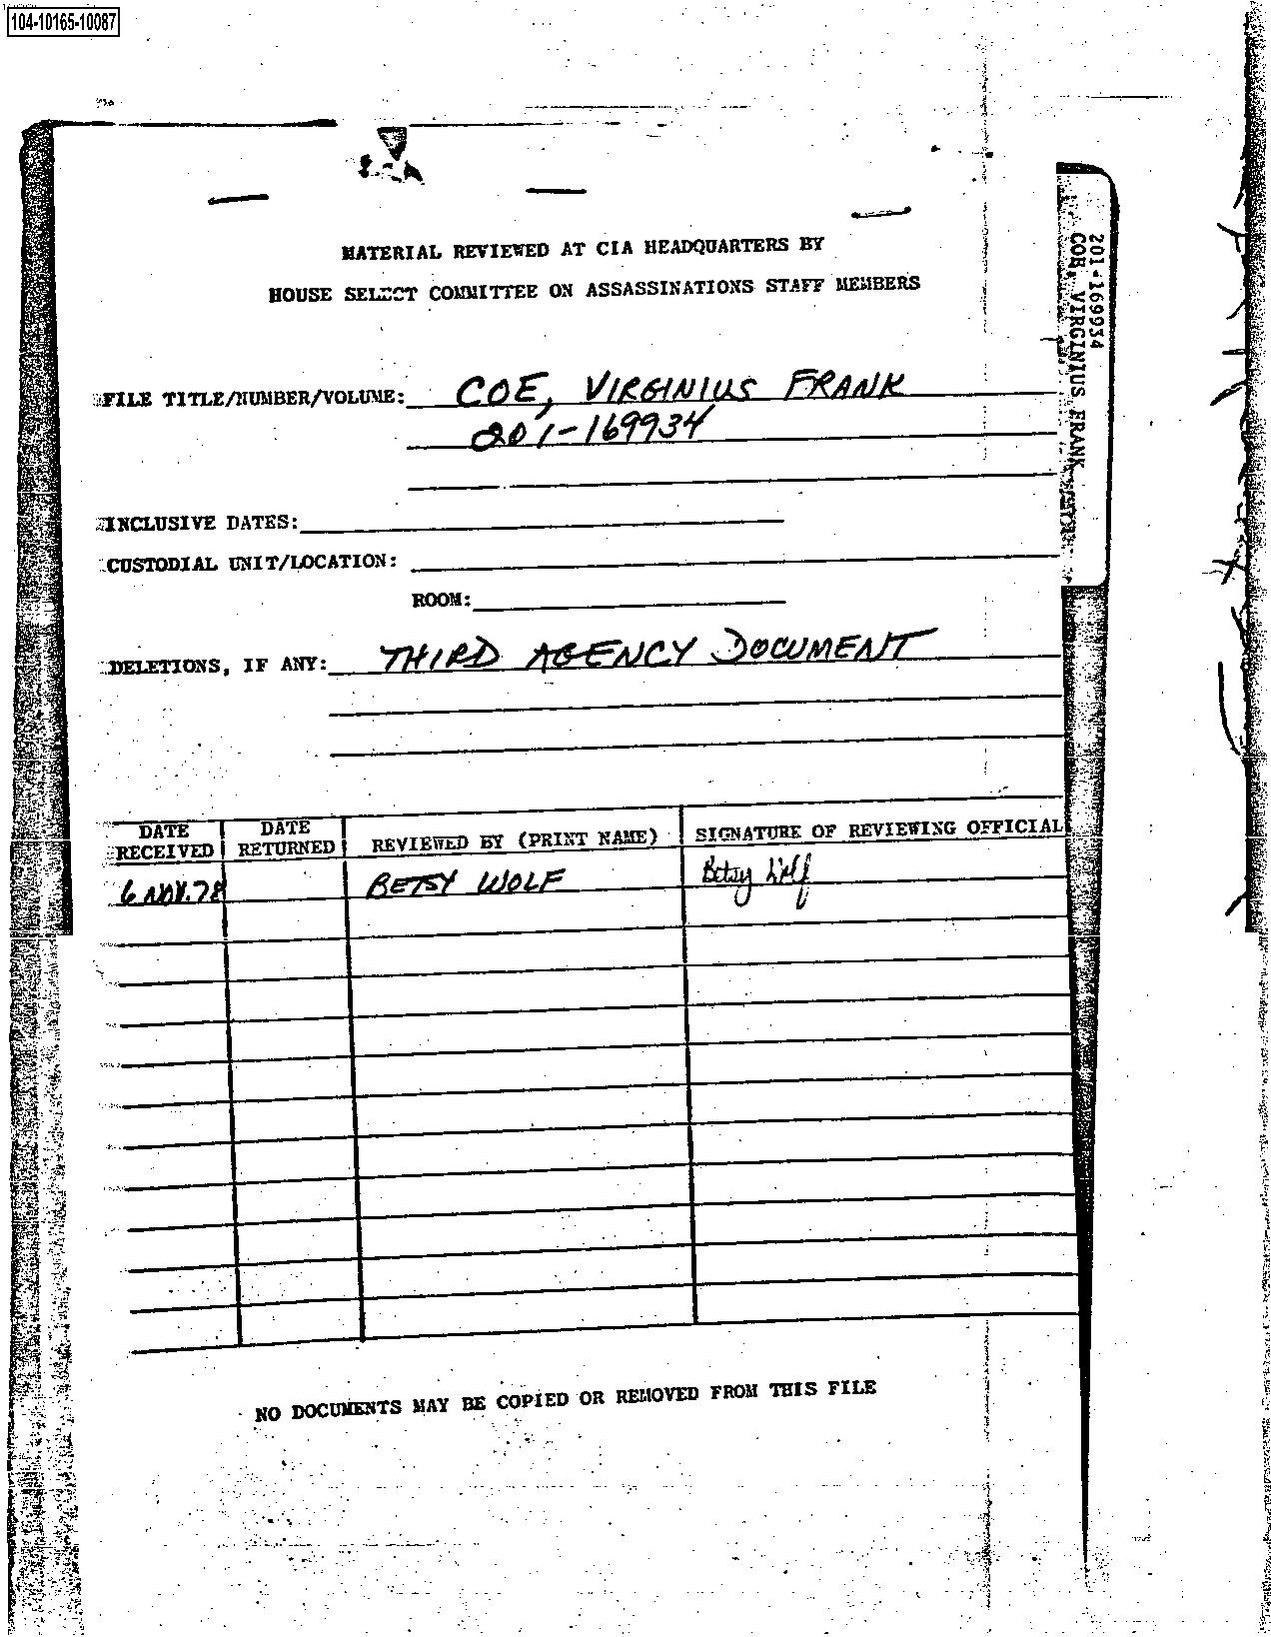 File:104-10165-10087 (JFK, November 3 release).pdf ...